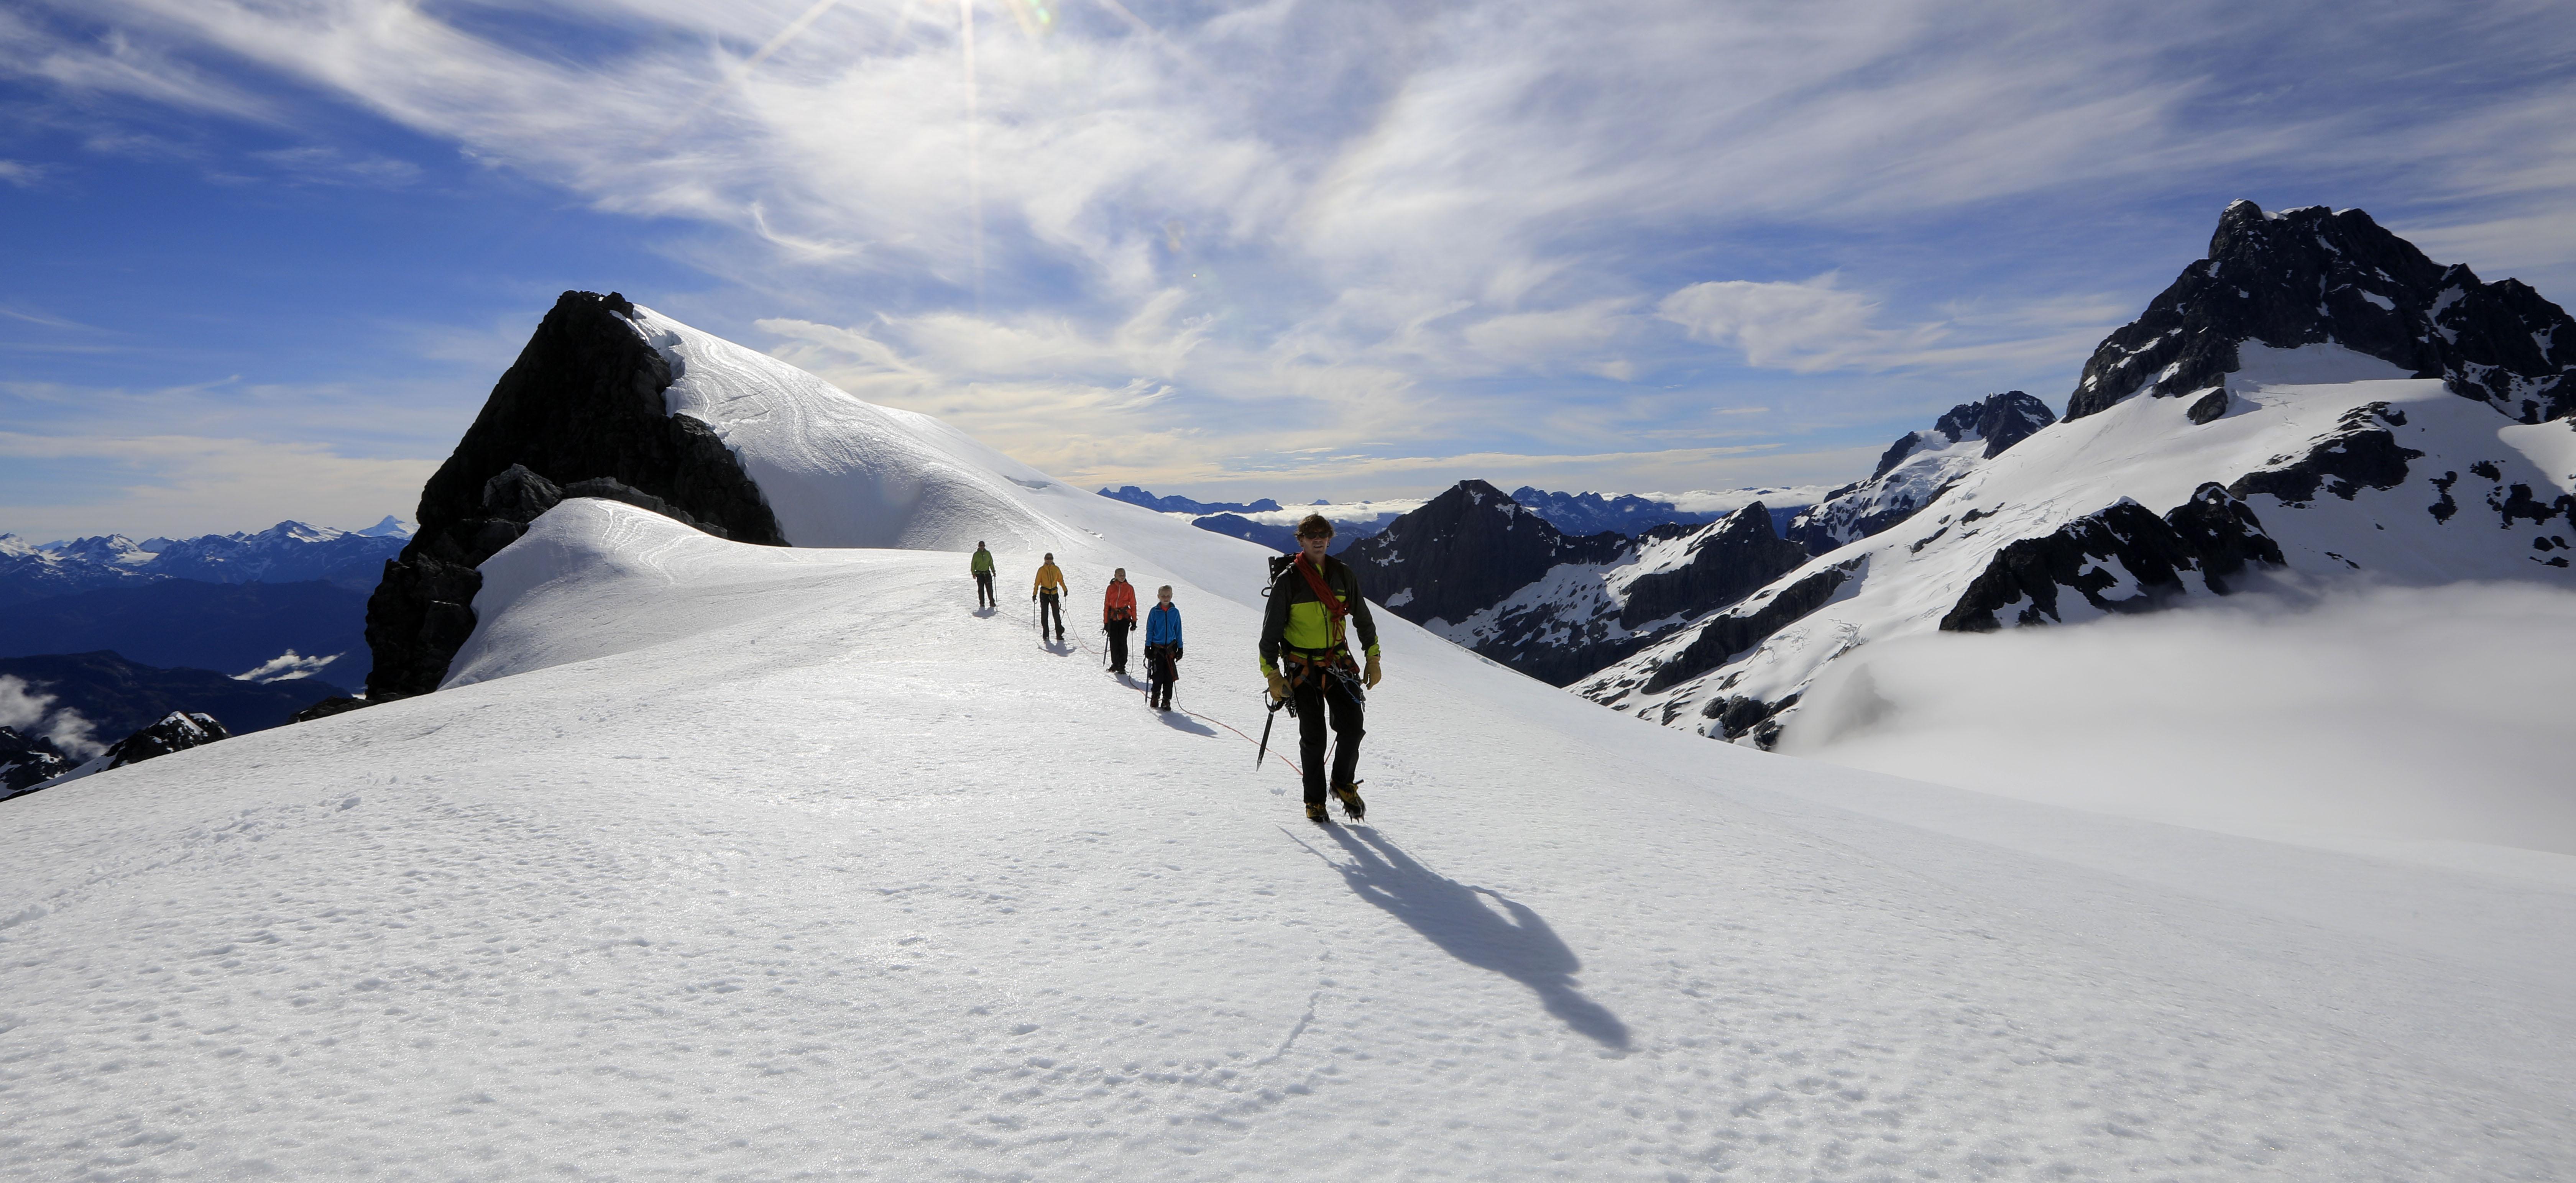 glacierwalk